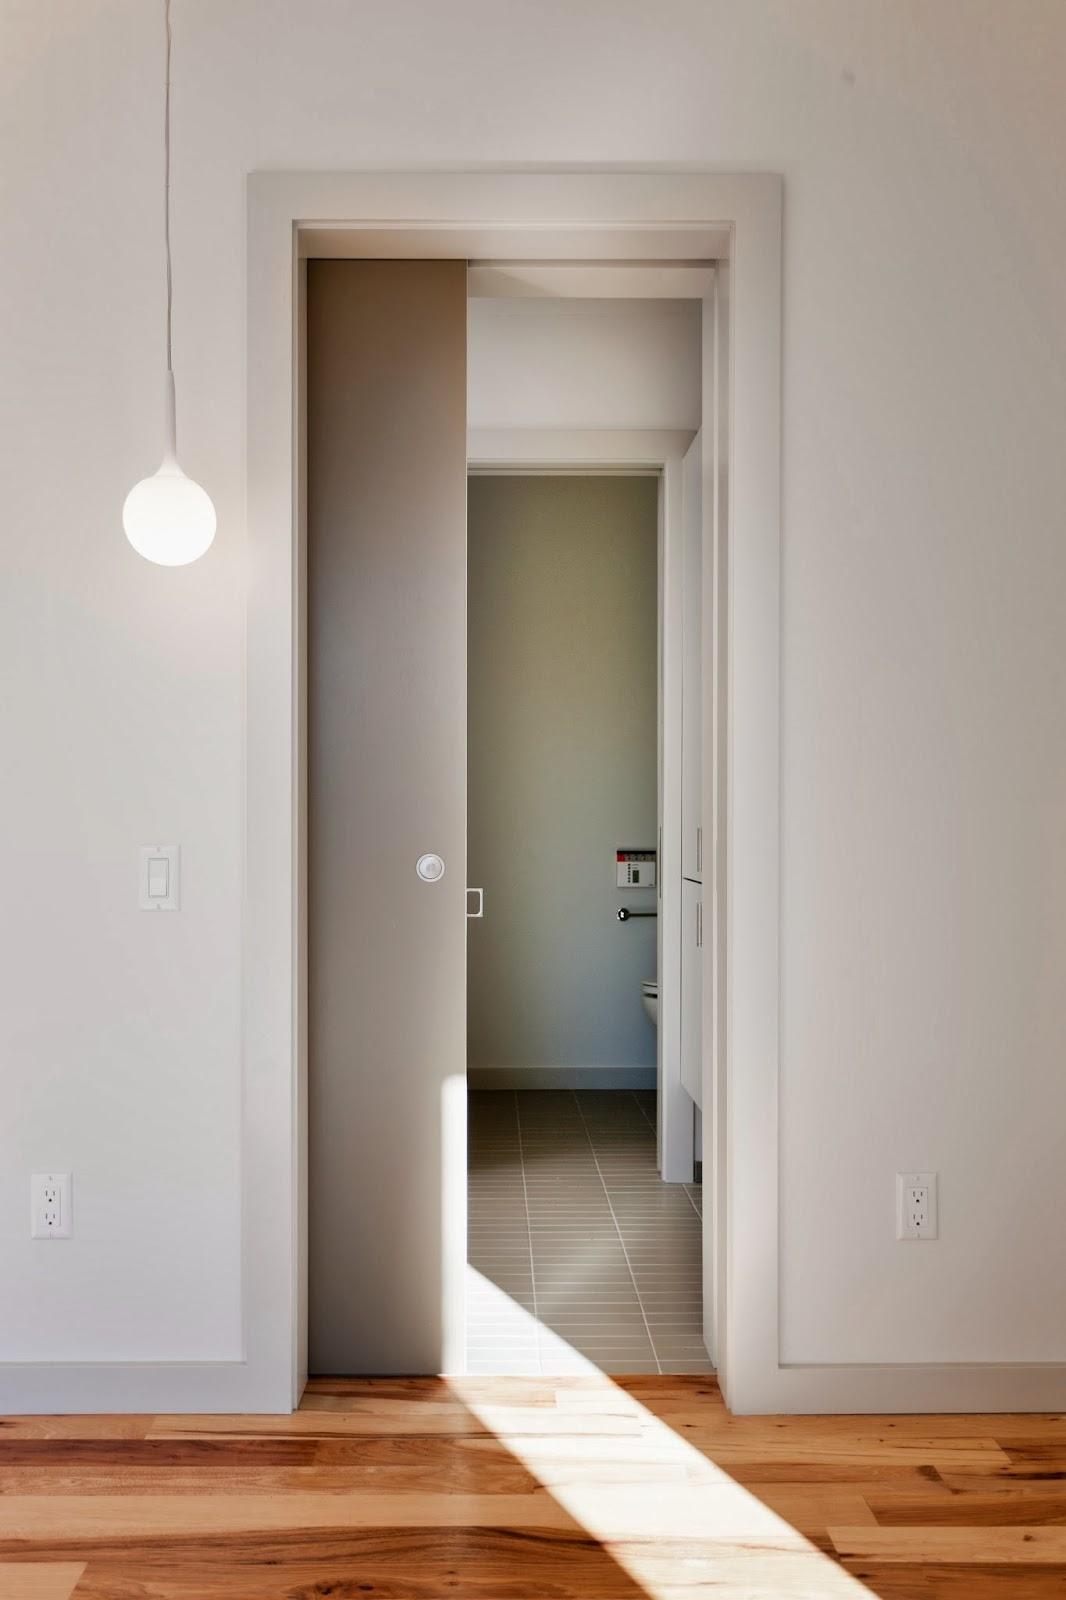 Hawa Sliding Pocket Door Hardwarehawa sliding pocket door hardware door knobs and pocket doors